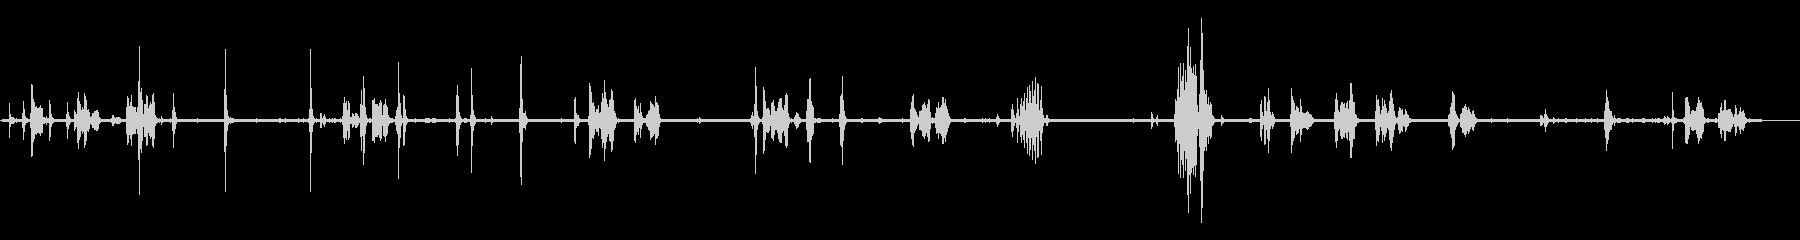 動物園-内部-ロロス3の未再生の波形